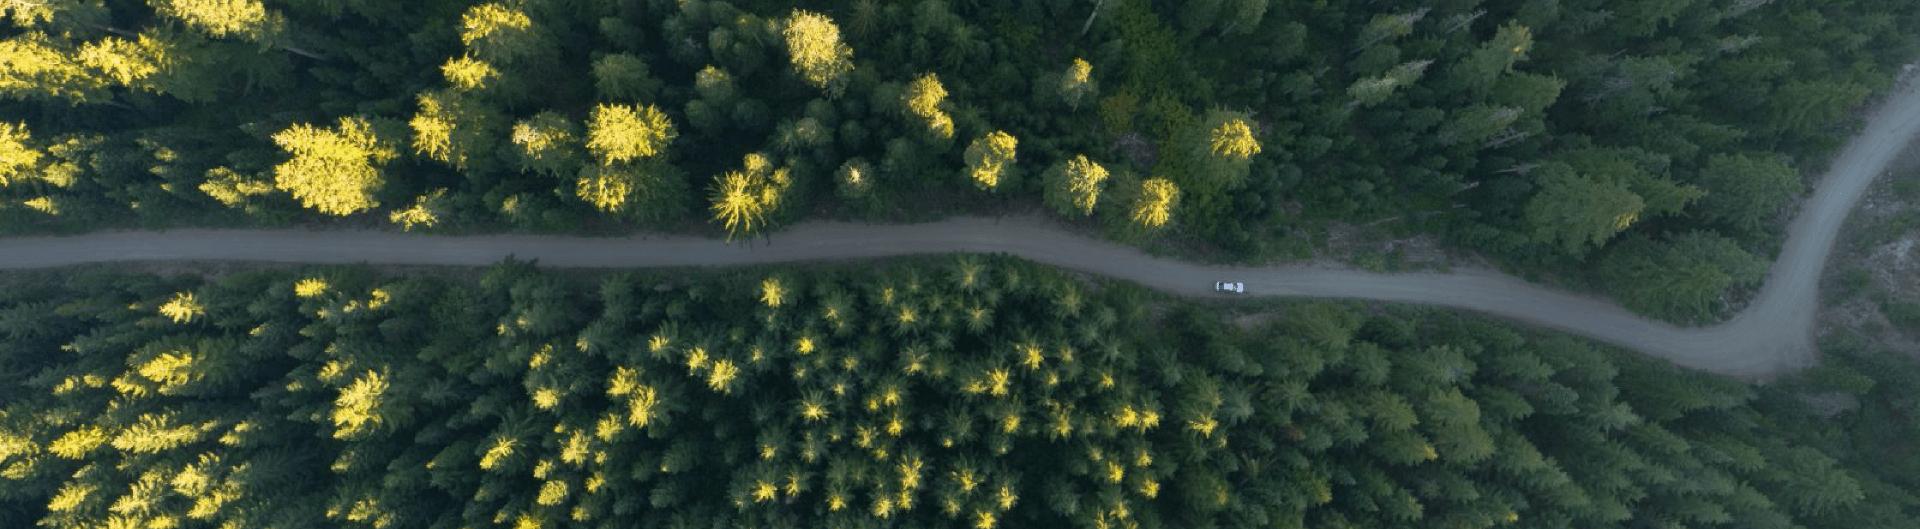 duurzaam bos